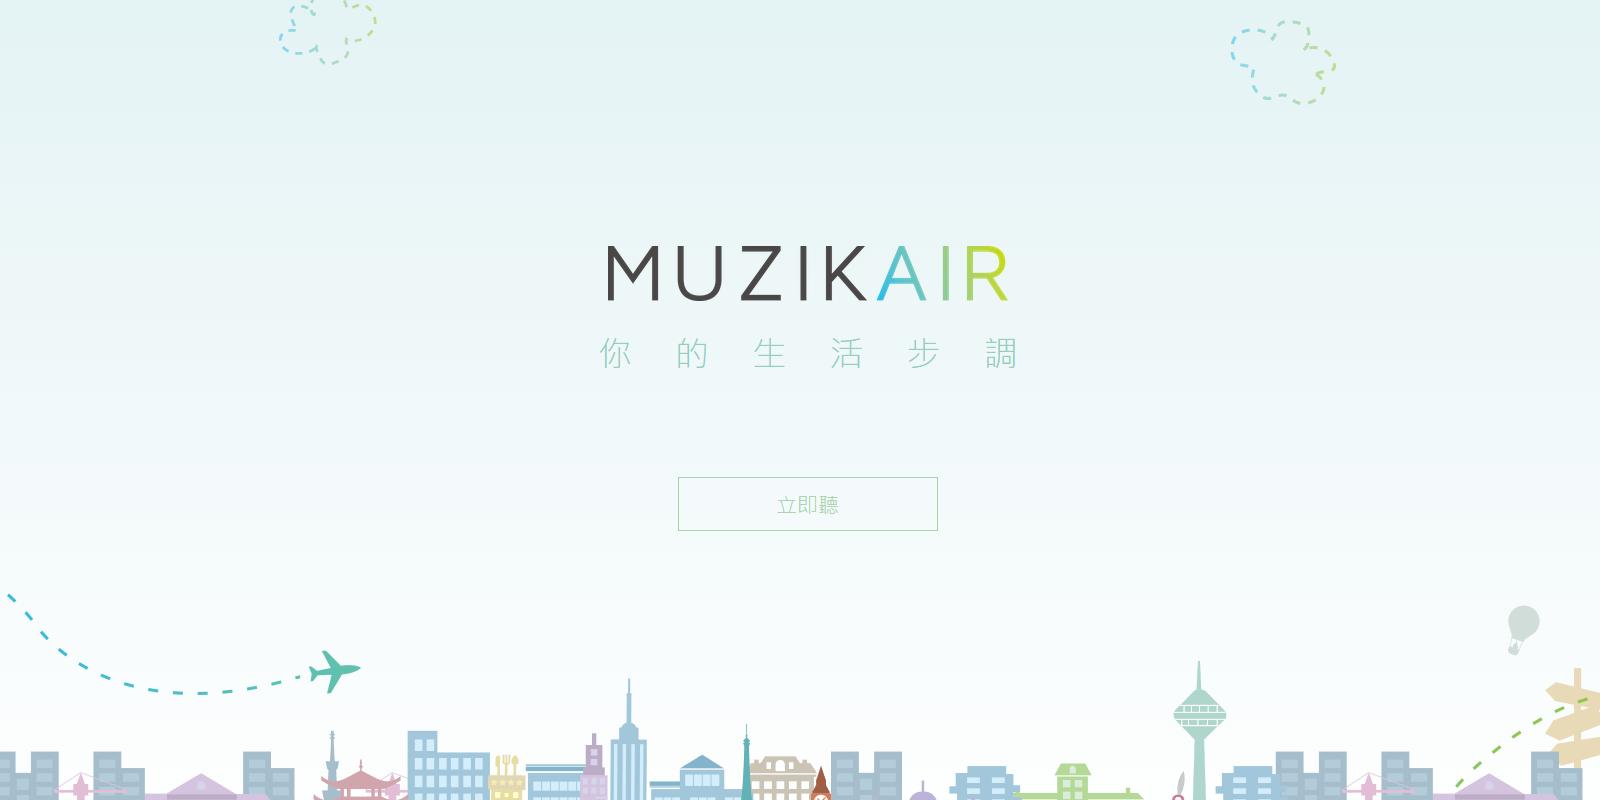 古典音樂現代感受! MUZIK Air免費古典音樂台新上線